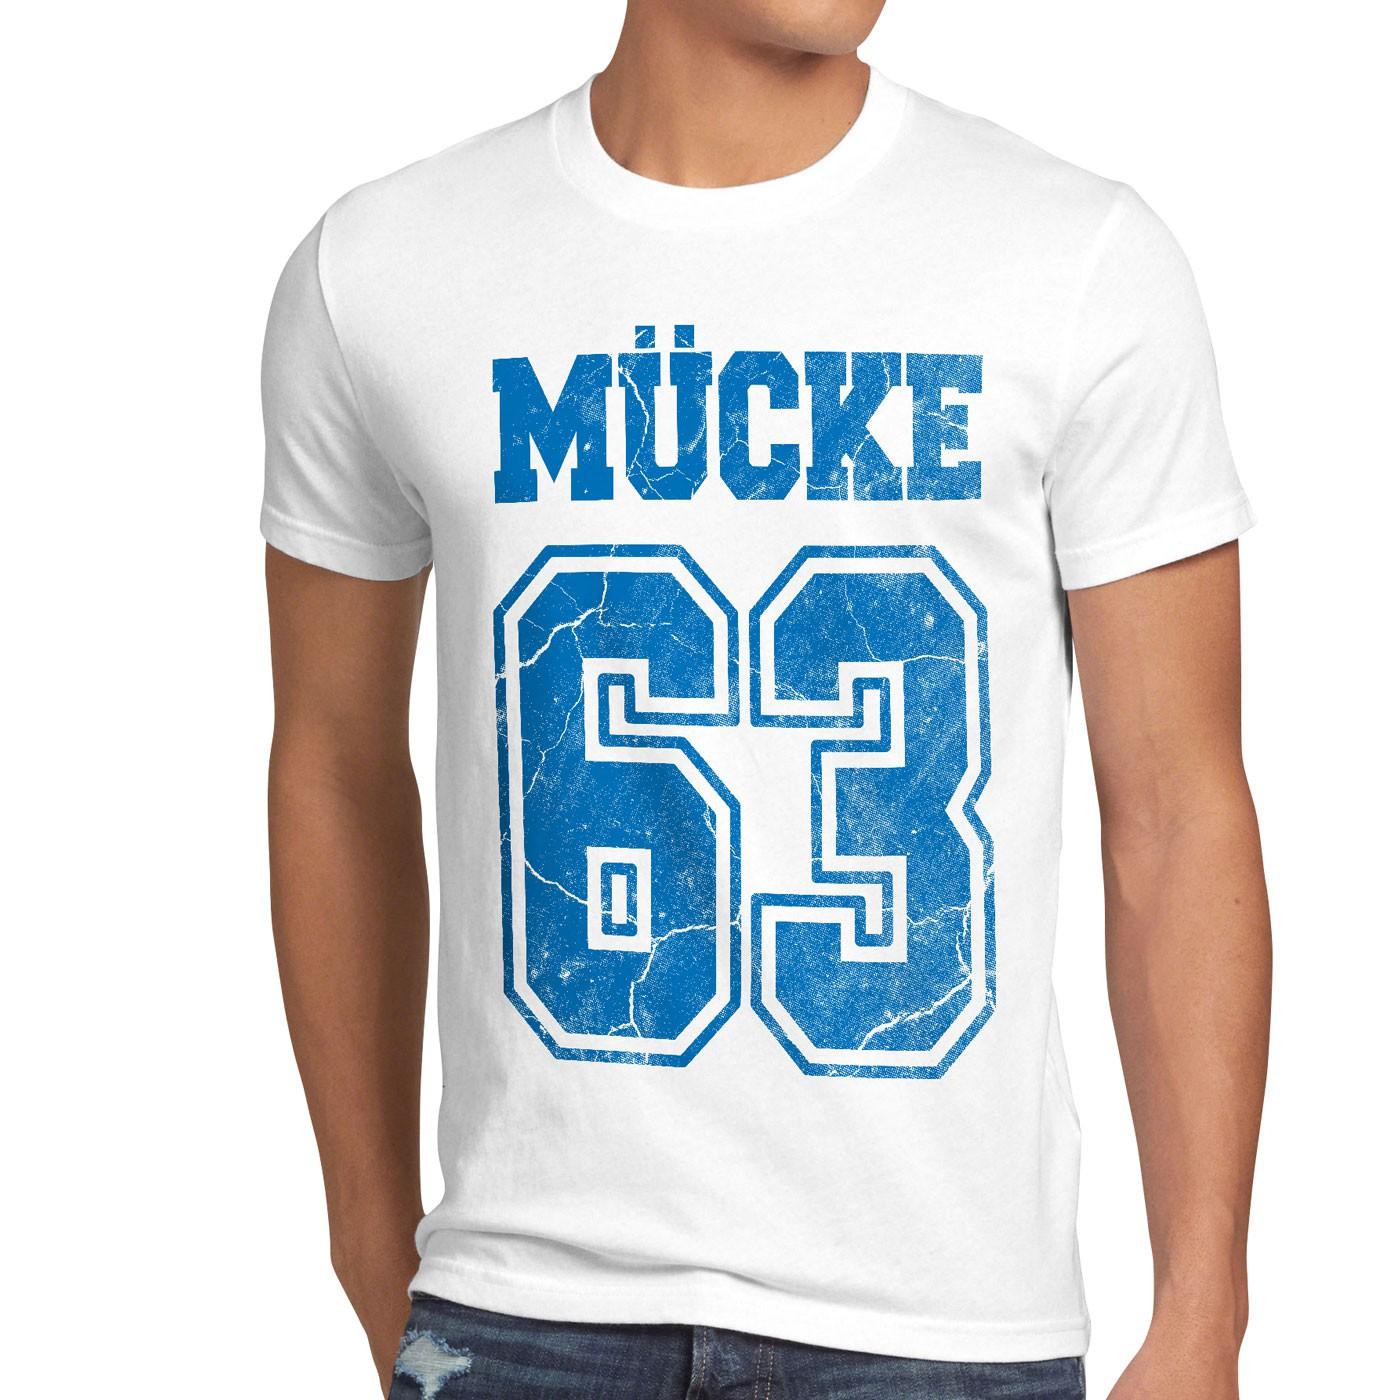 Muecke-63-Herren-T-Shirt-terence-supertypen-in-